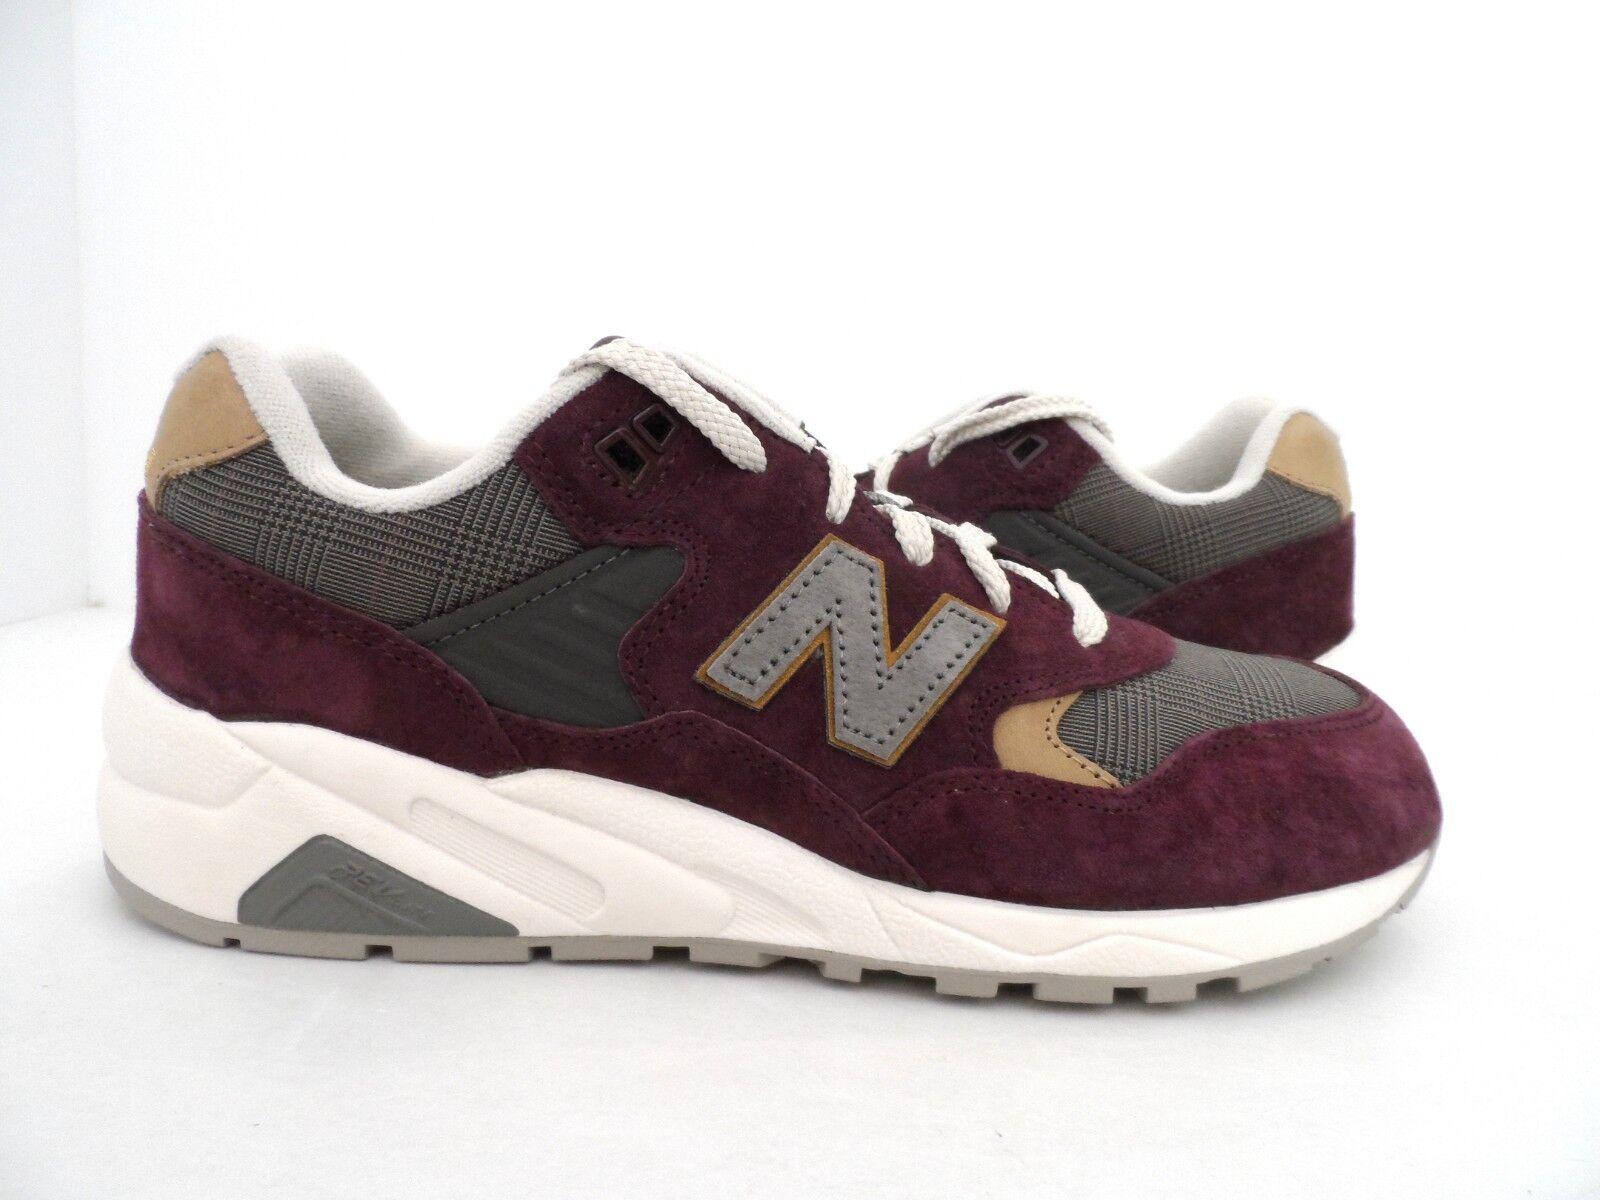 New Balance Women's 580 Running Shoe Burgundy Gray Size 8.5